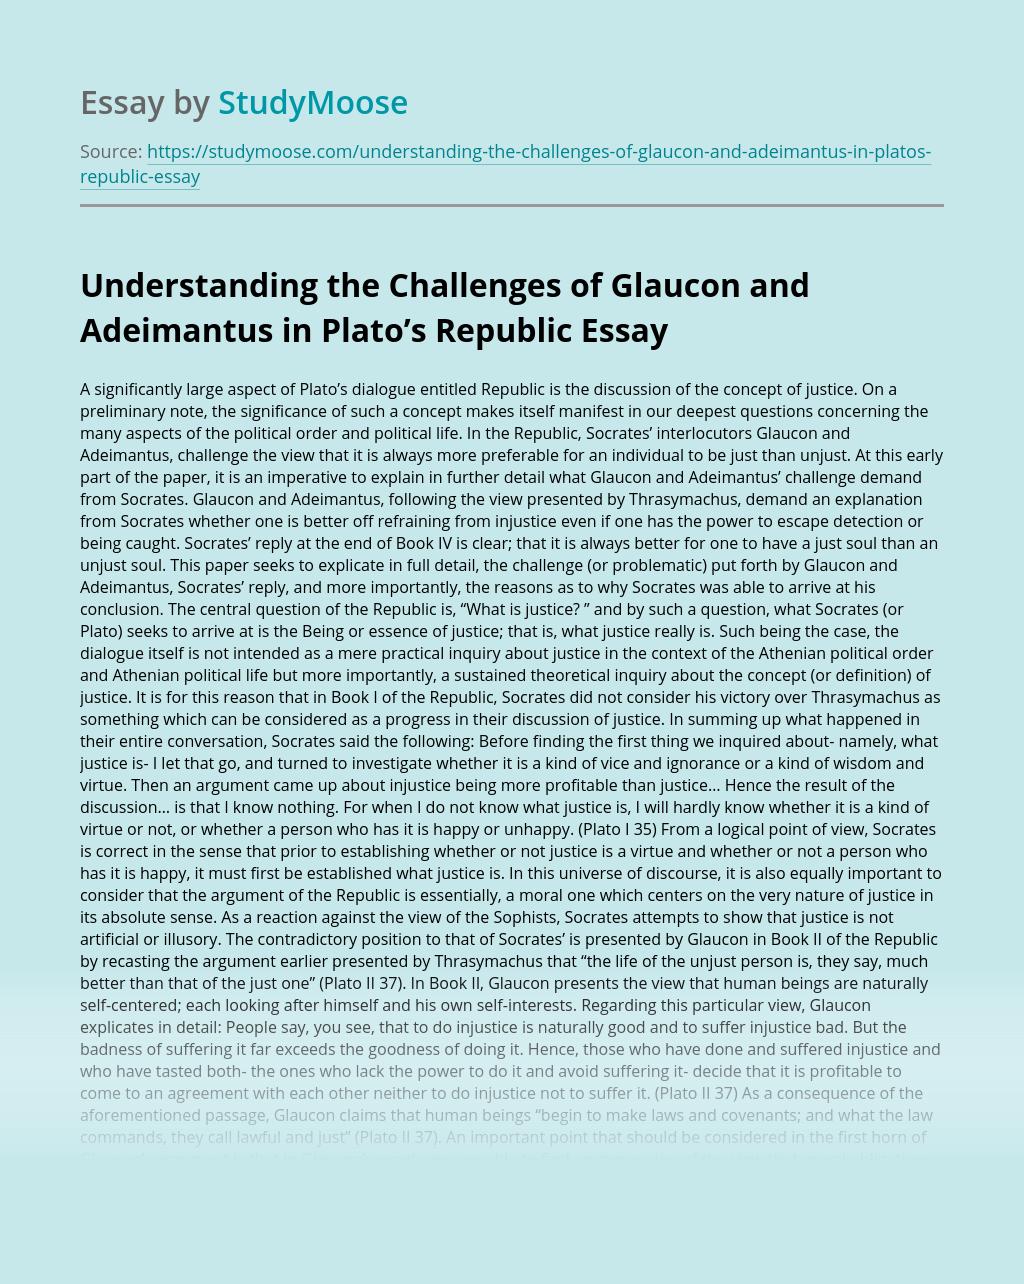 Understanding the Challenges of Glaucon and Adeimantus in Plato's Republic